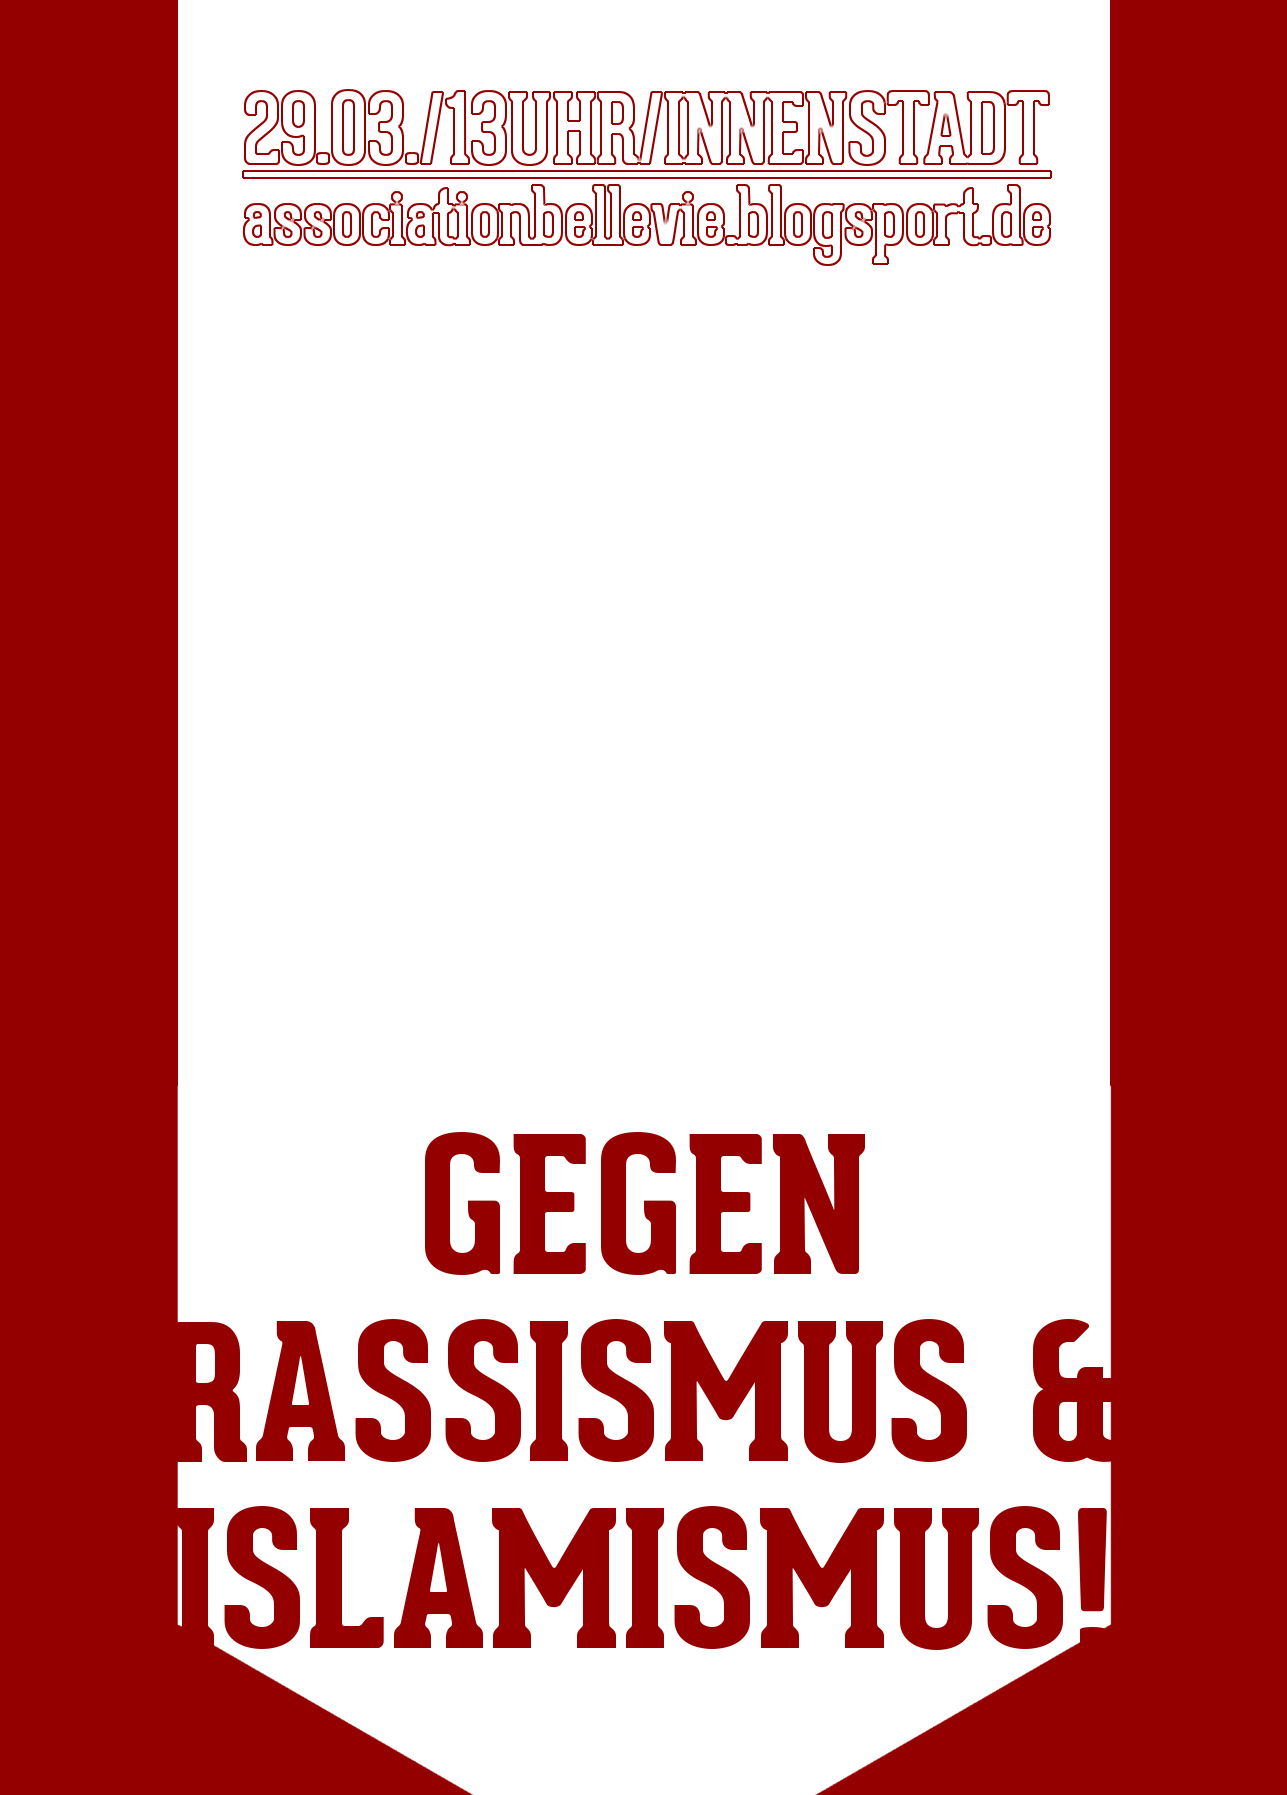 Gegen Islamismus und Rassismus